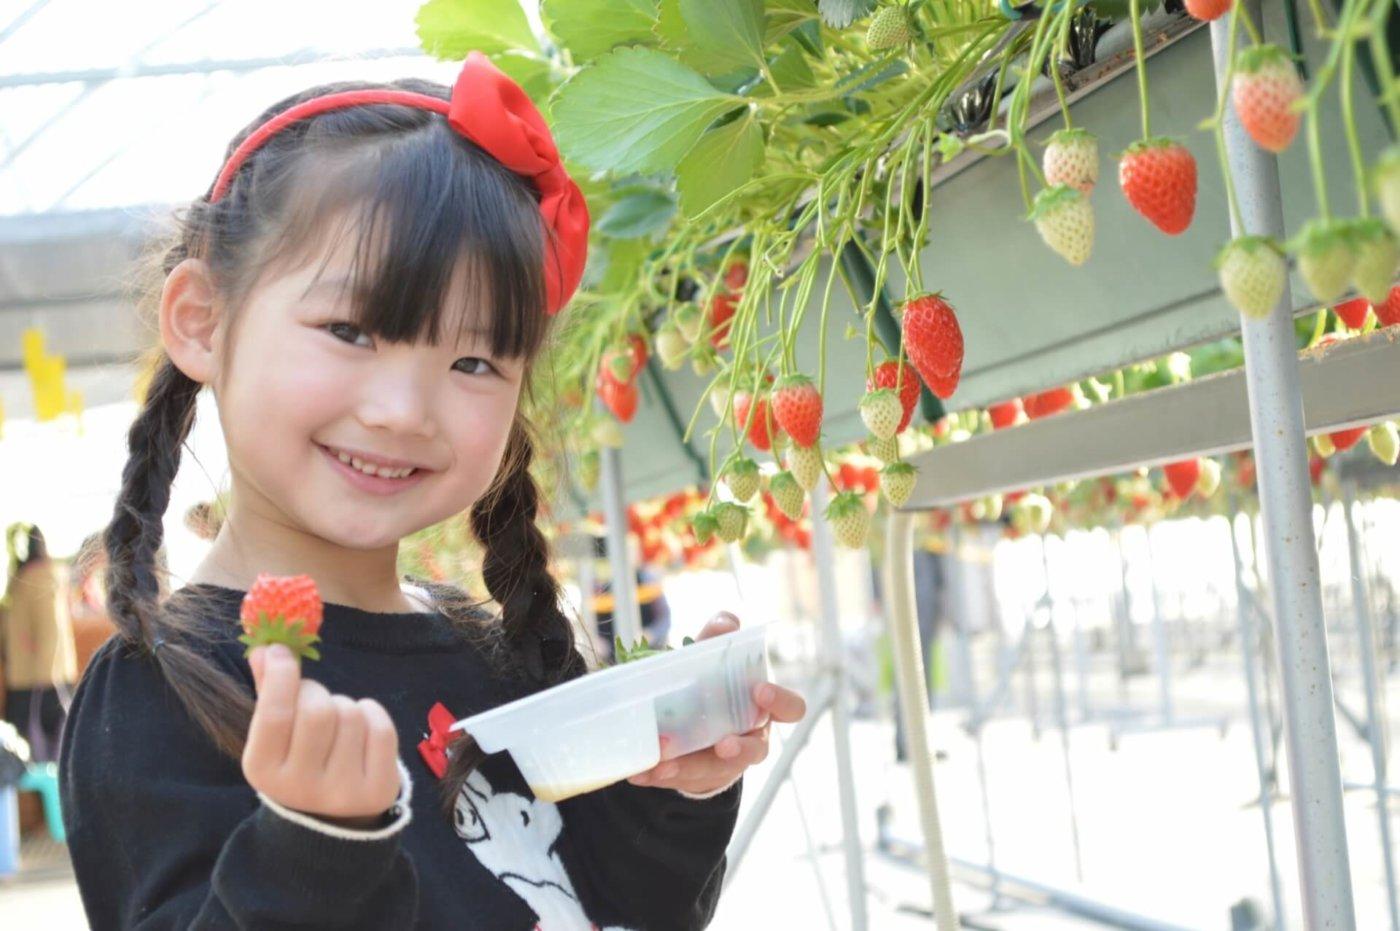 神奈川県でイチゴ狩りを楽しもう